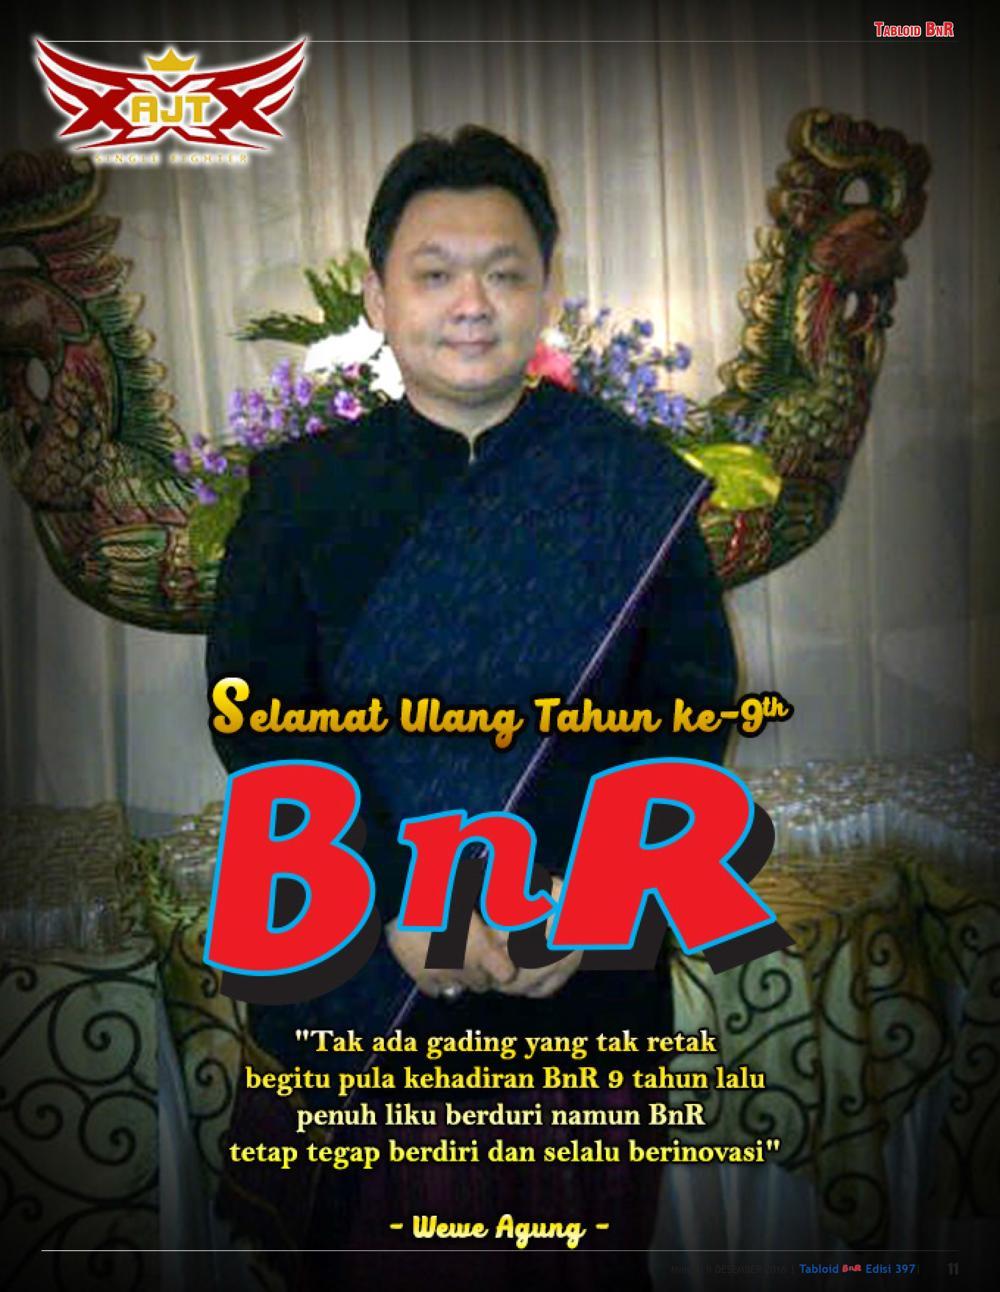 Wewe Agung : Anniversary BnR ke 9